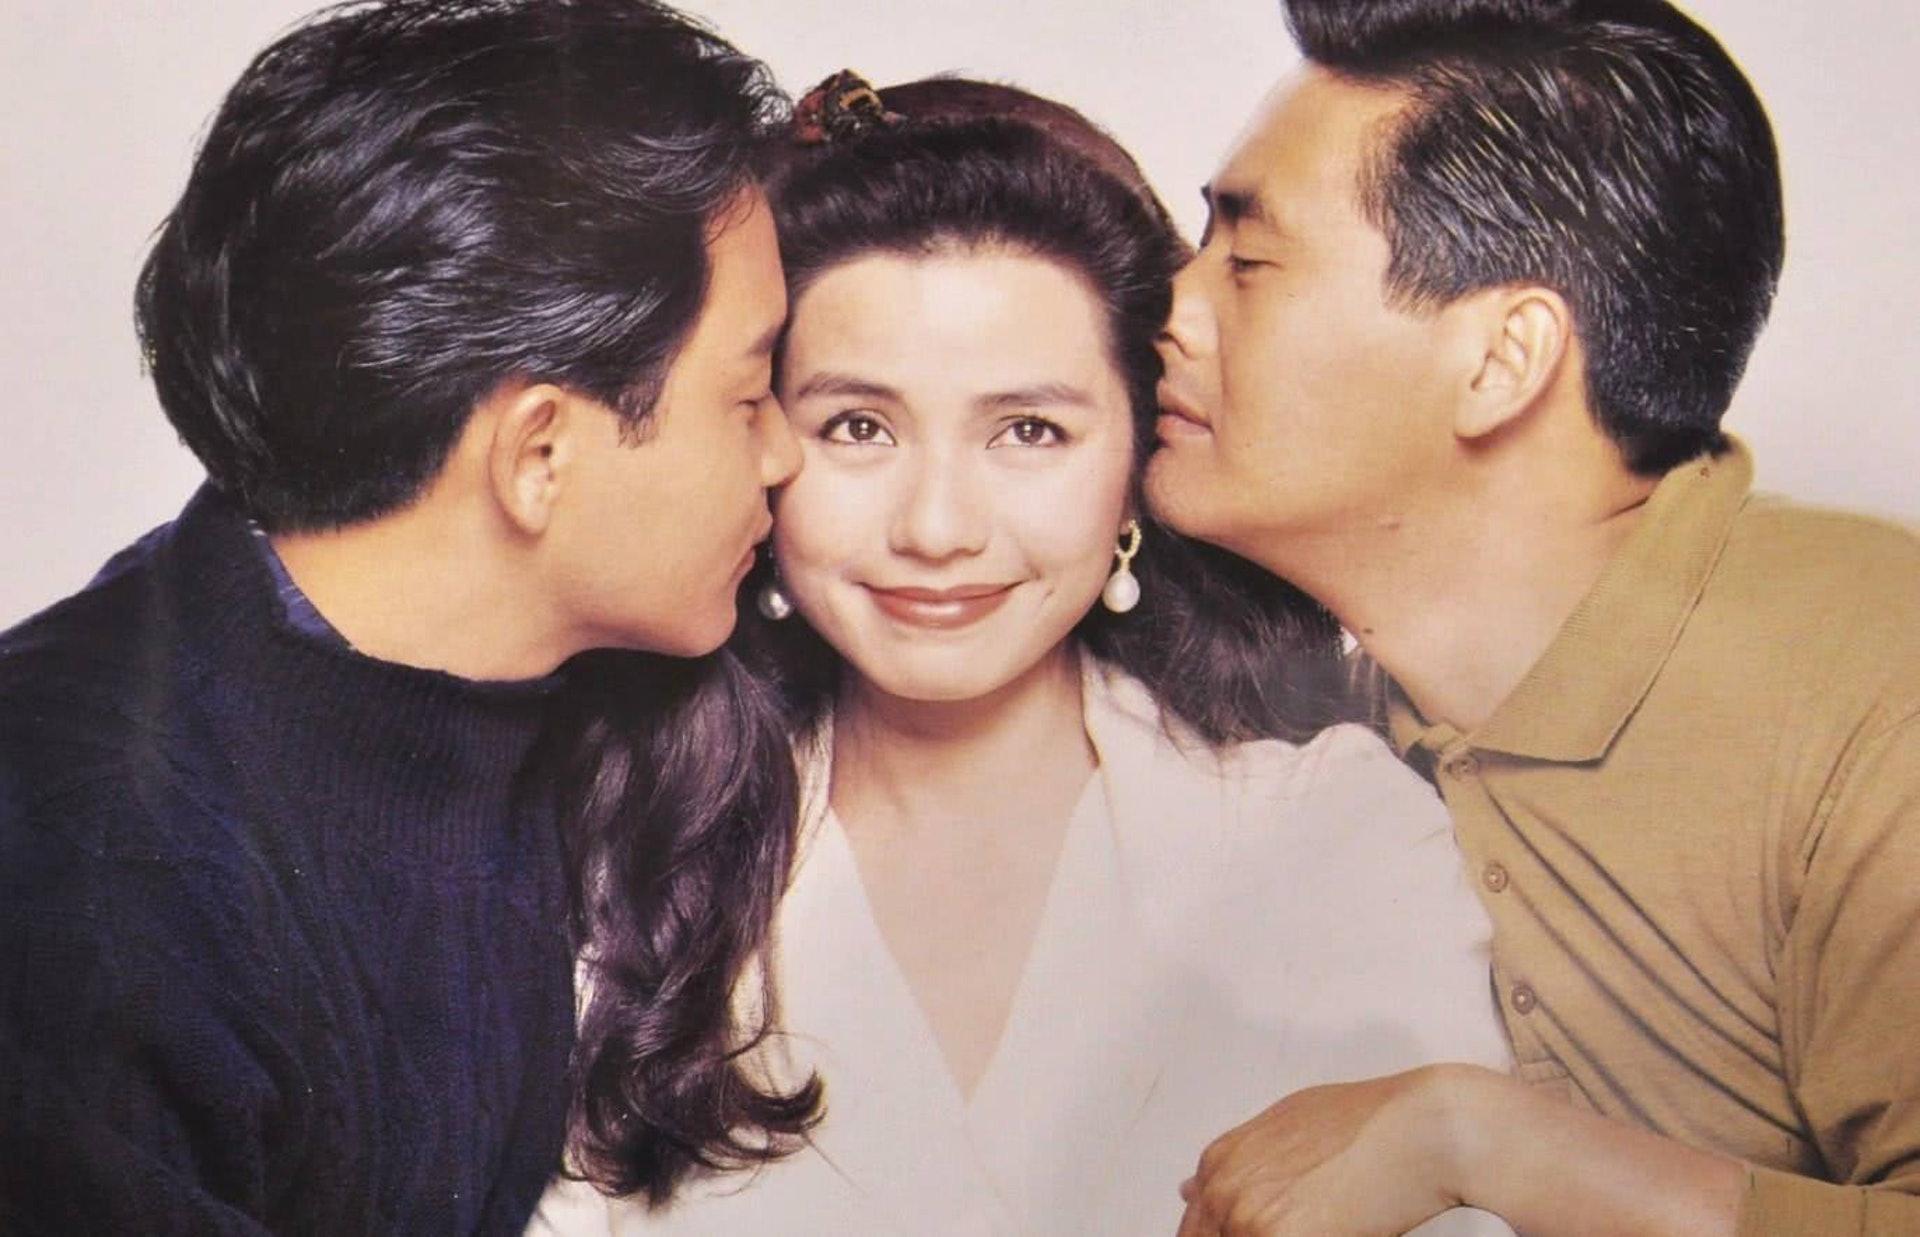 Từ trái sang: Trương Quốc Vinh, Chung Sở Hồng và Châu Nhuận Phát khi đóng Tung hoành tứ hải. Ảnh: HK01.